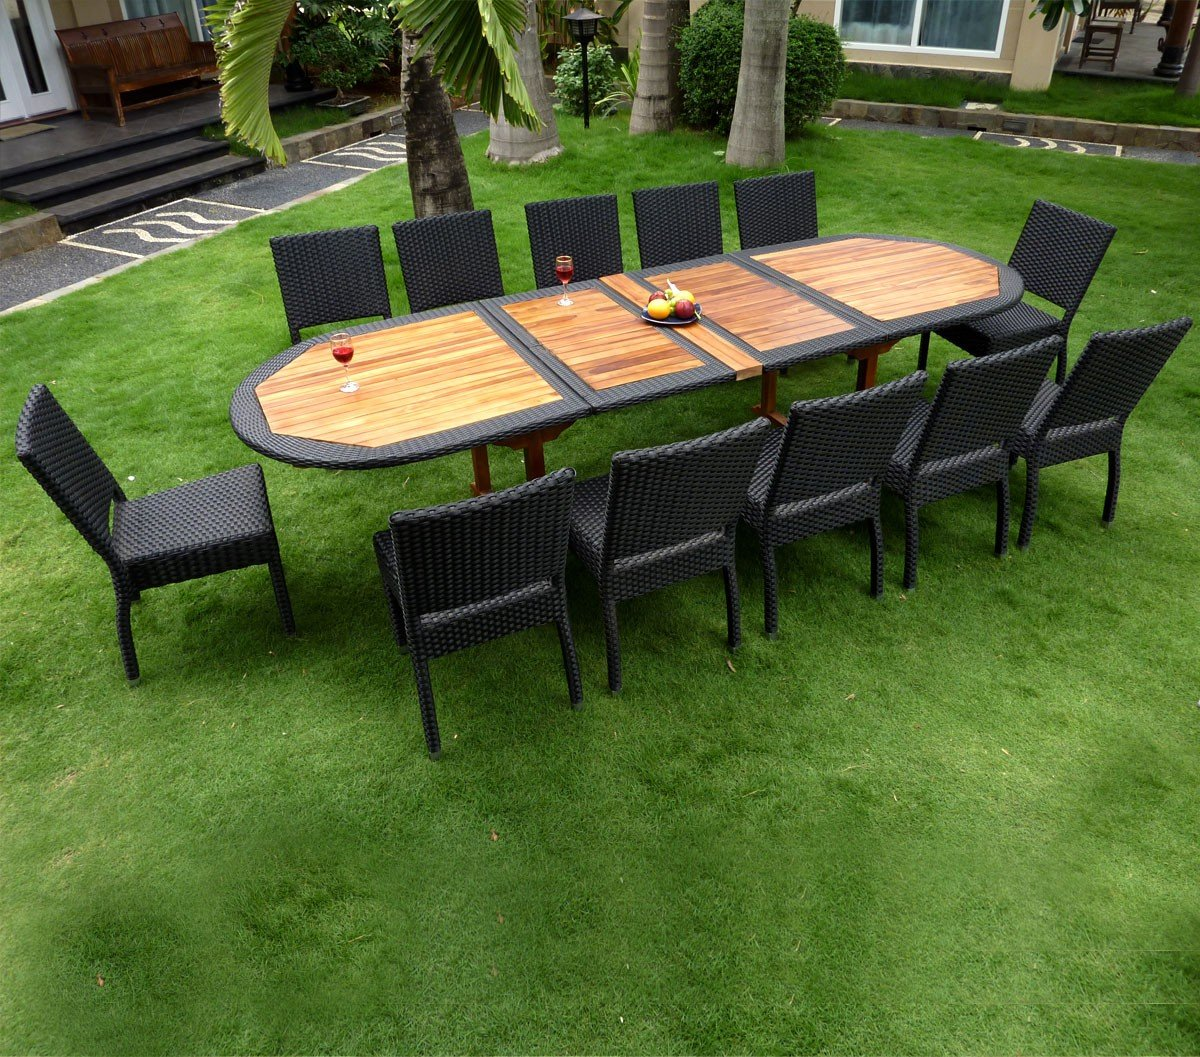 Teak Und Polyrattan Gartenmöbel Gartentisch Teakholz 300 Cm Online